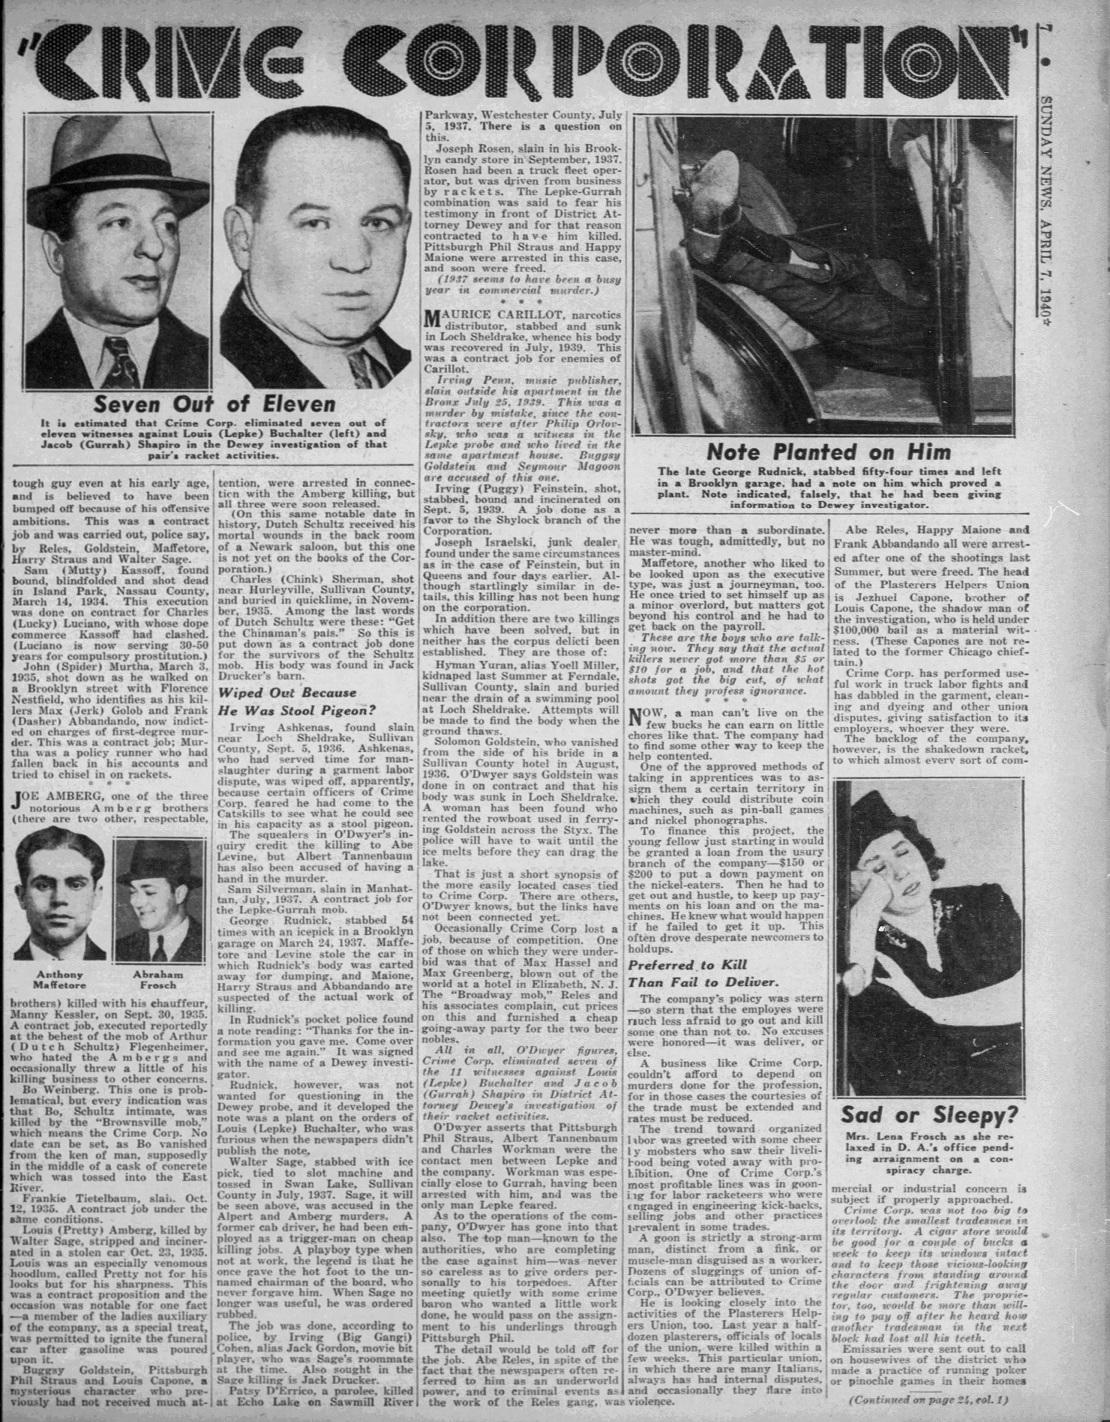 Daily_News_Sun__Apr_7__1940_(1).jpg